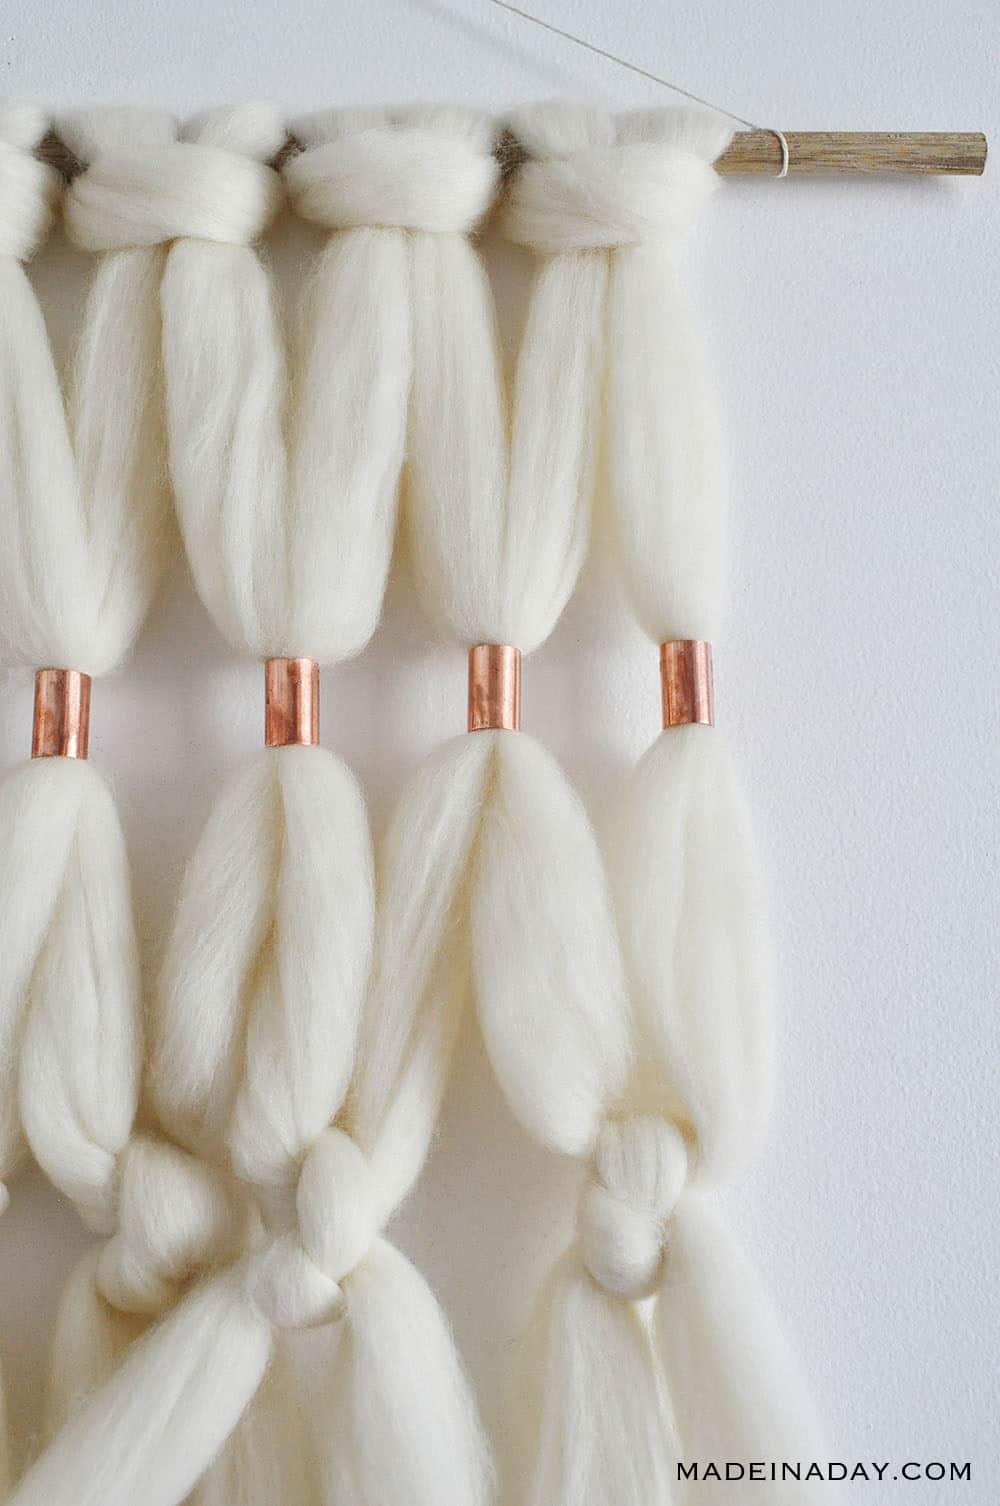 boho wool roving wall hanging